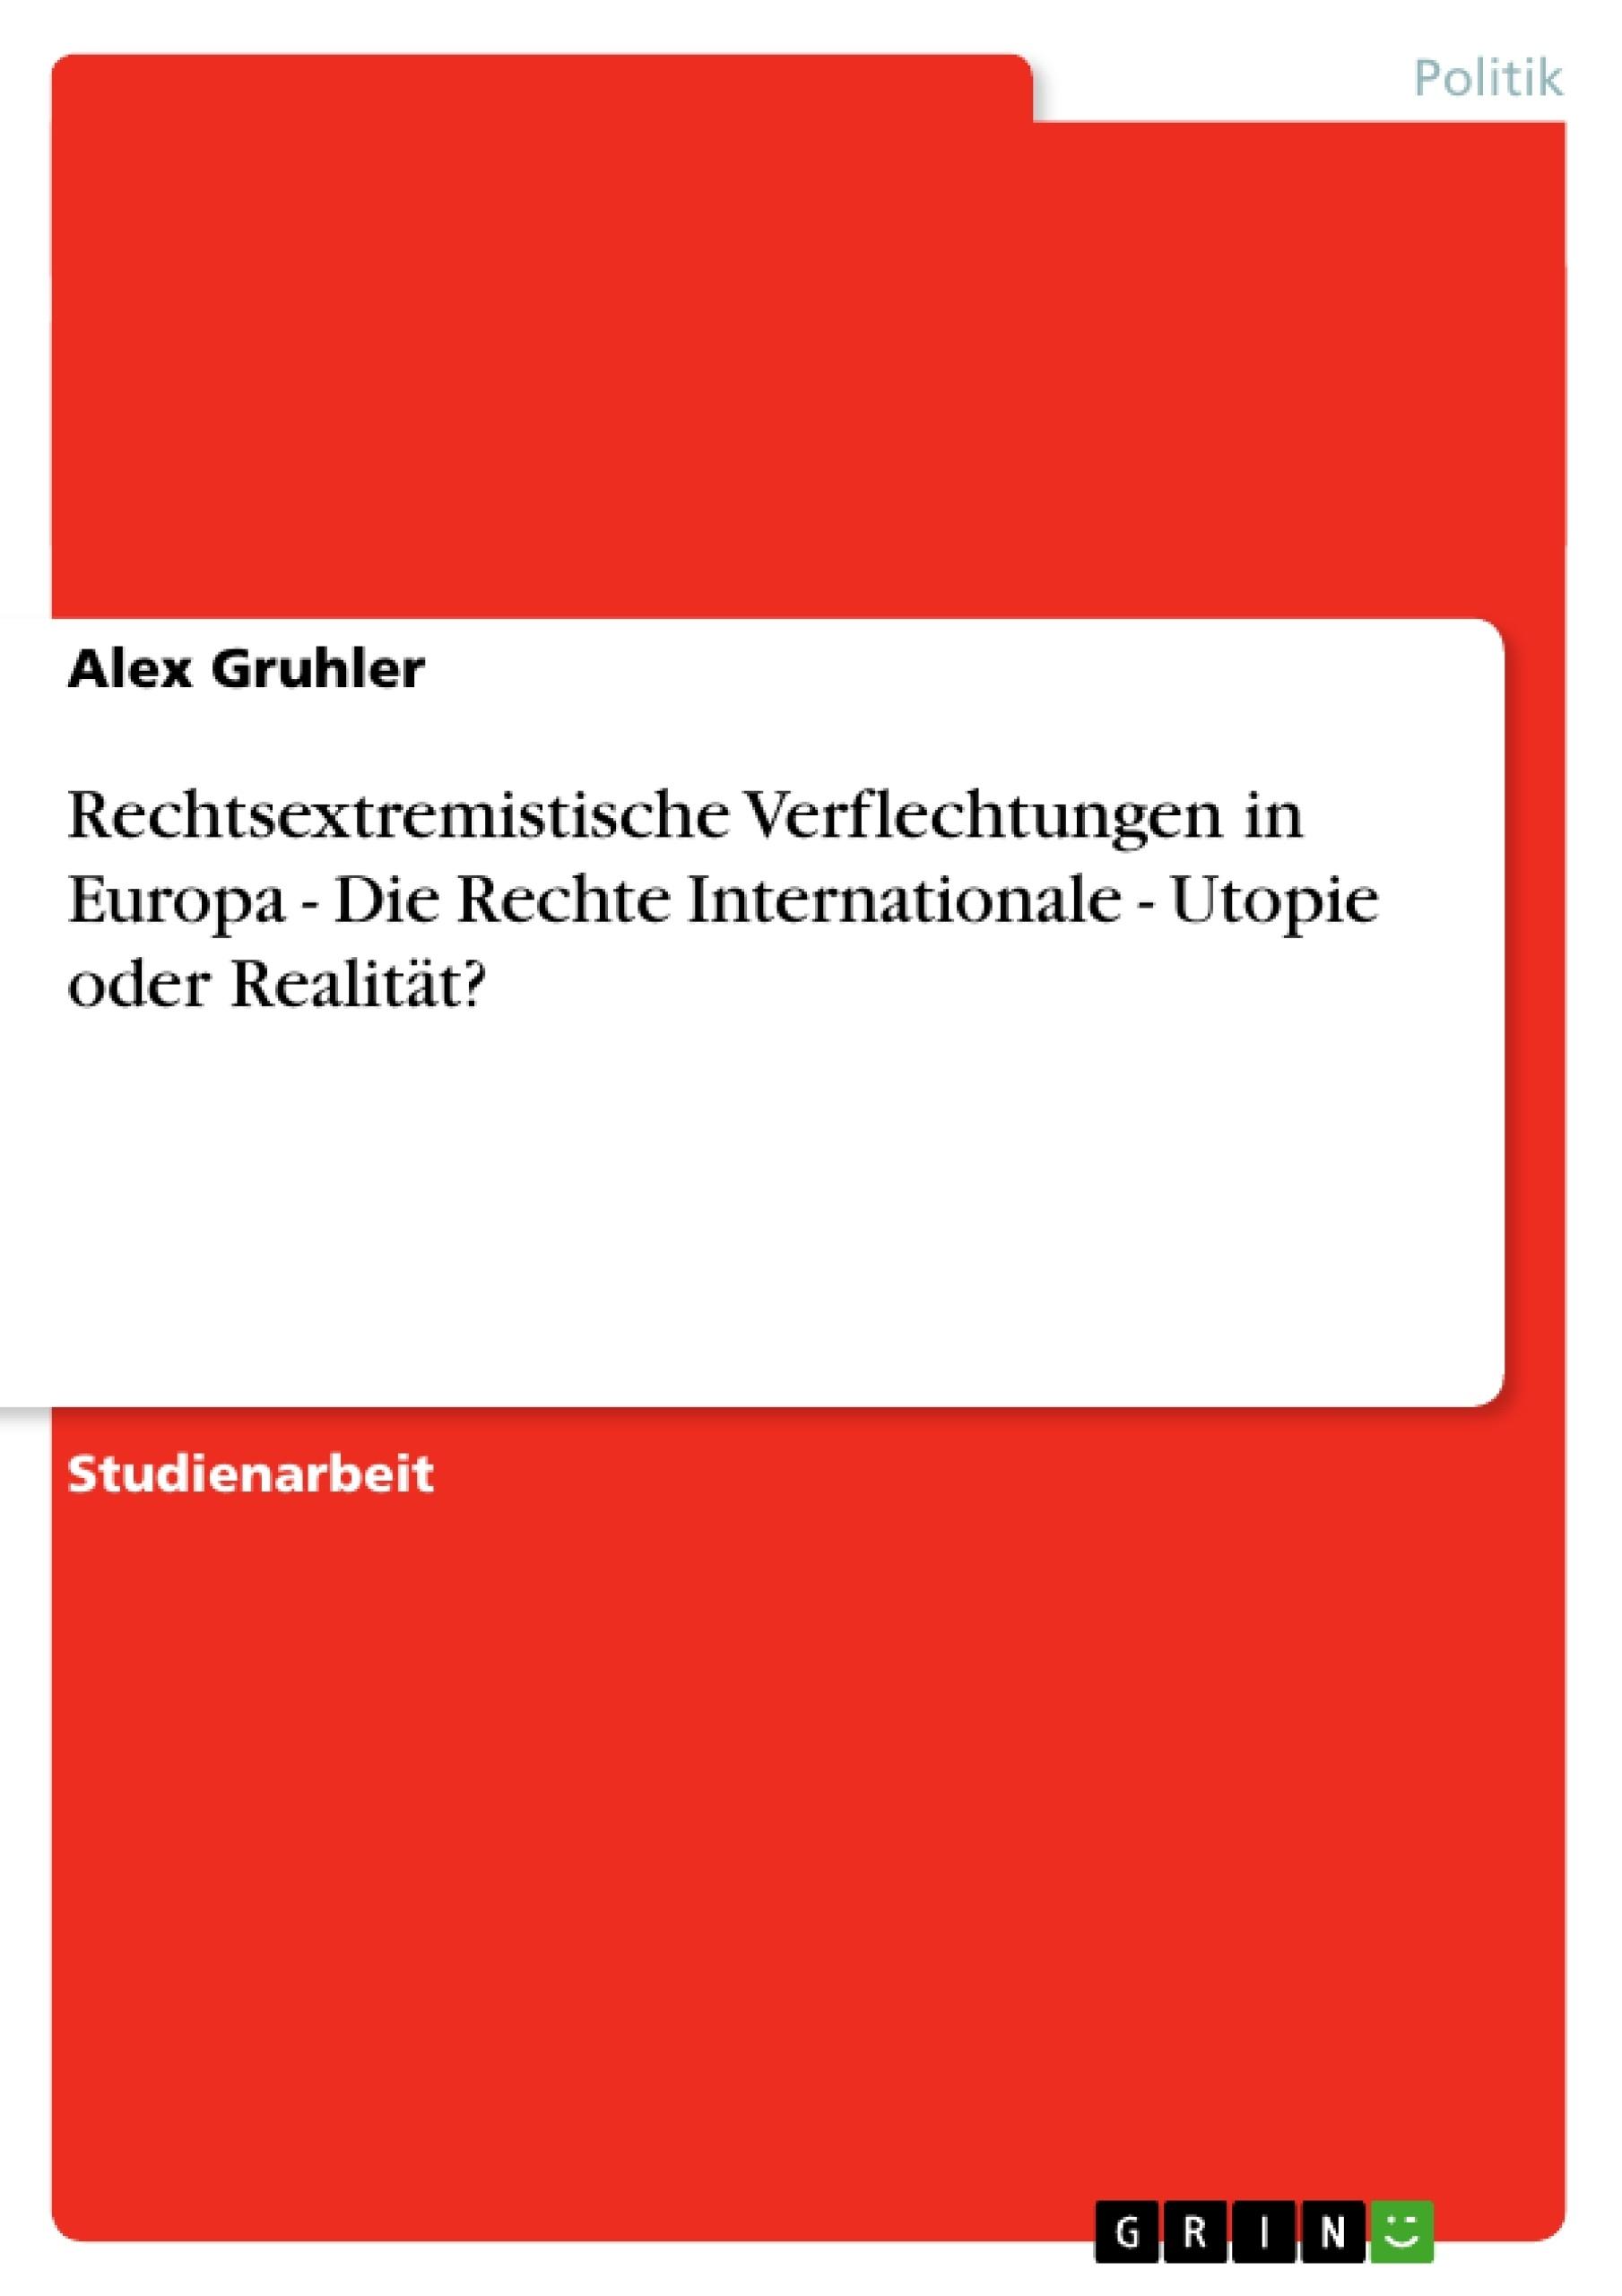 Titel: Rechtsextremistische Verflechtungen in Europa - Die Rechte Internationale - Utopie oder Realität?